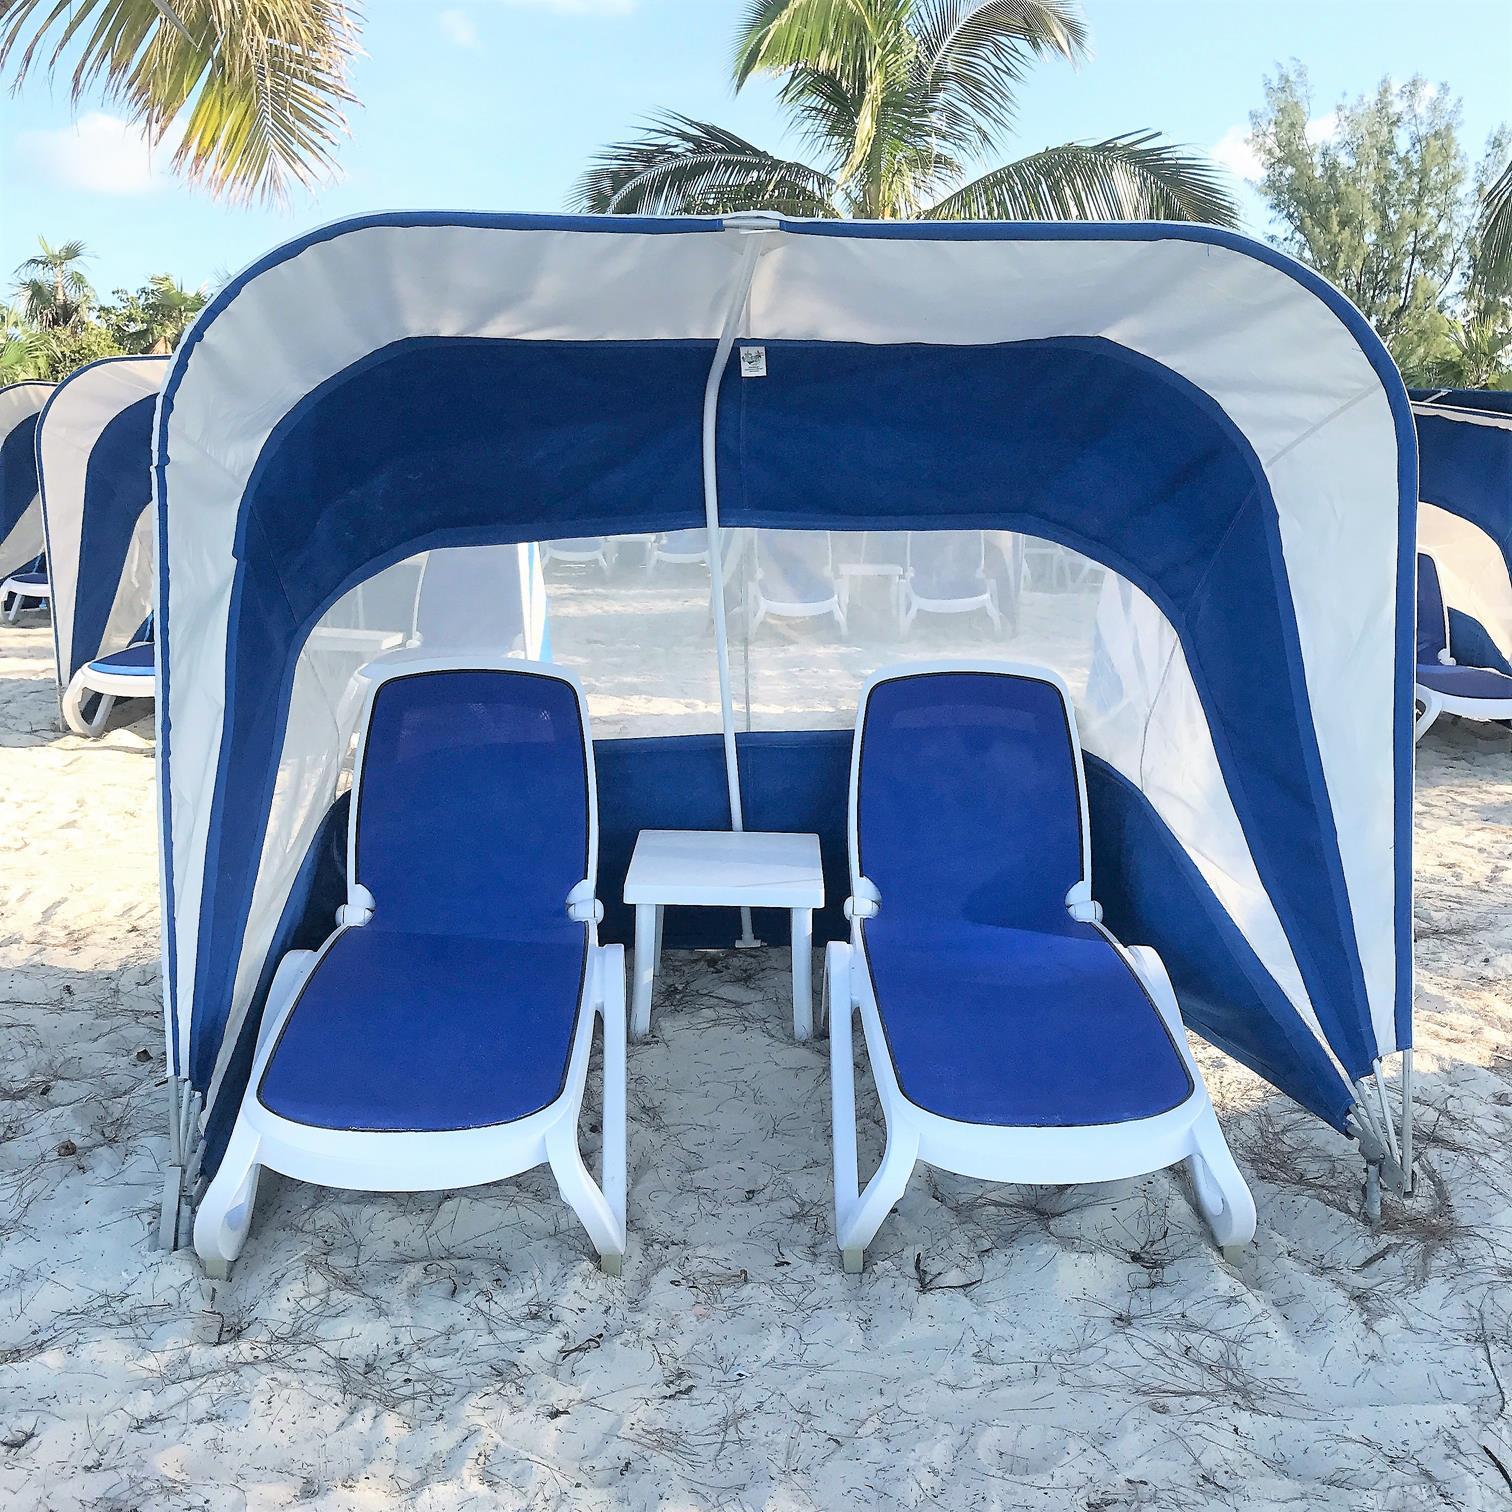 Beach Lounger on CocoCay Bahamas